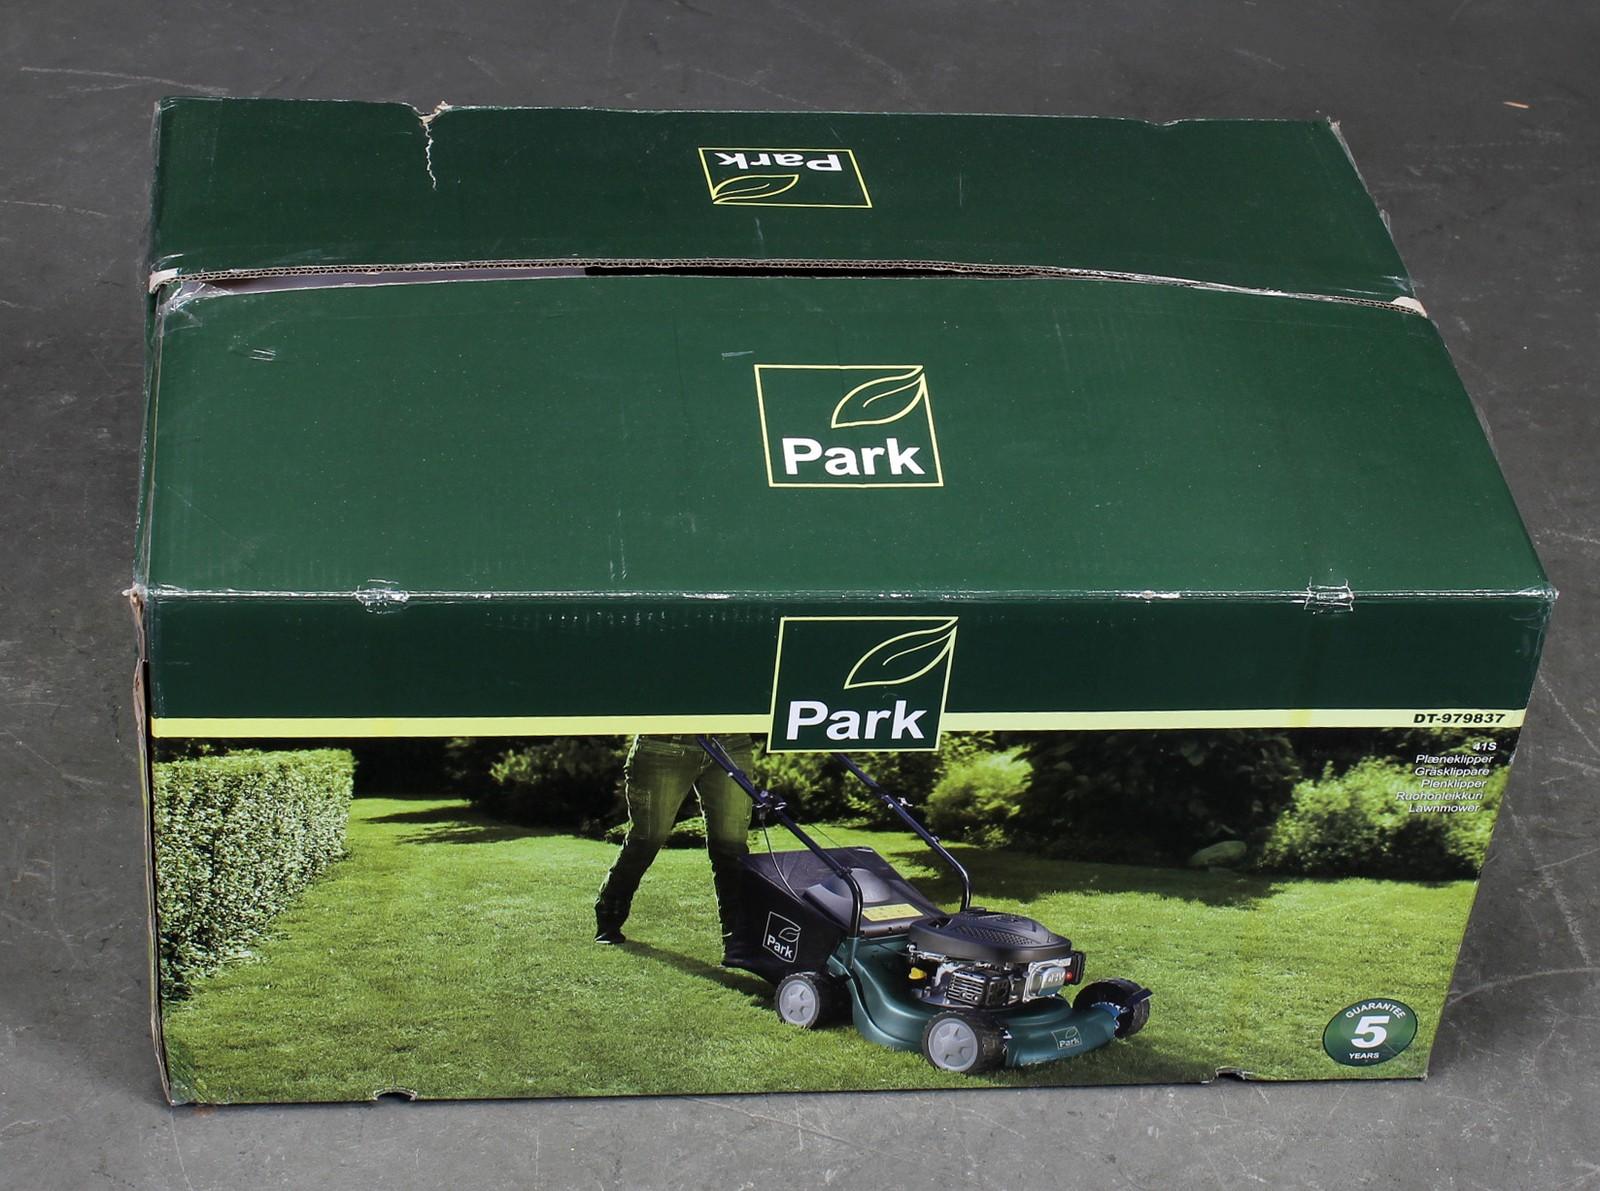 park dg 350 plæneklipper manual